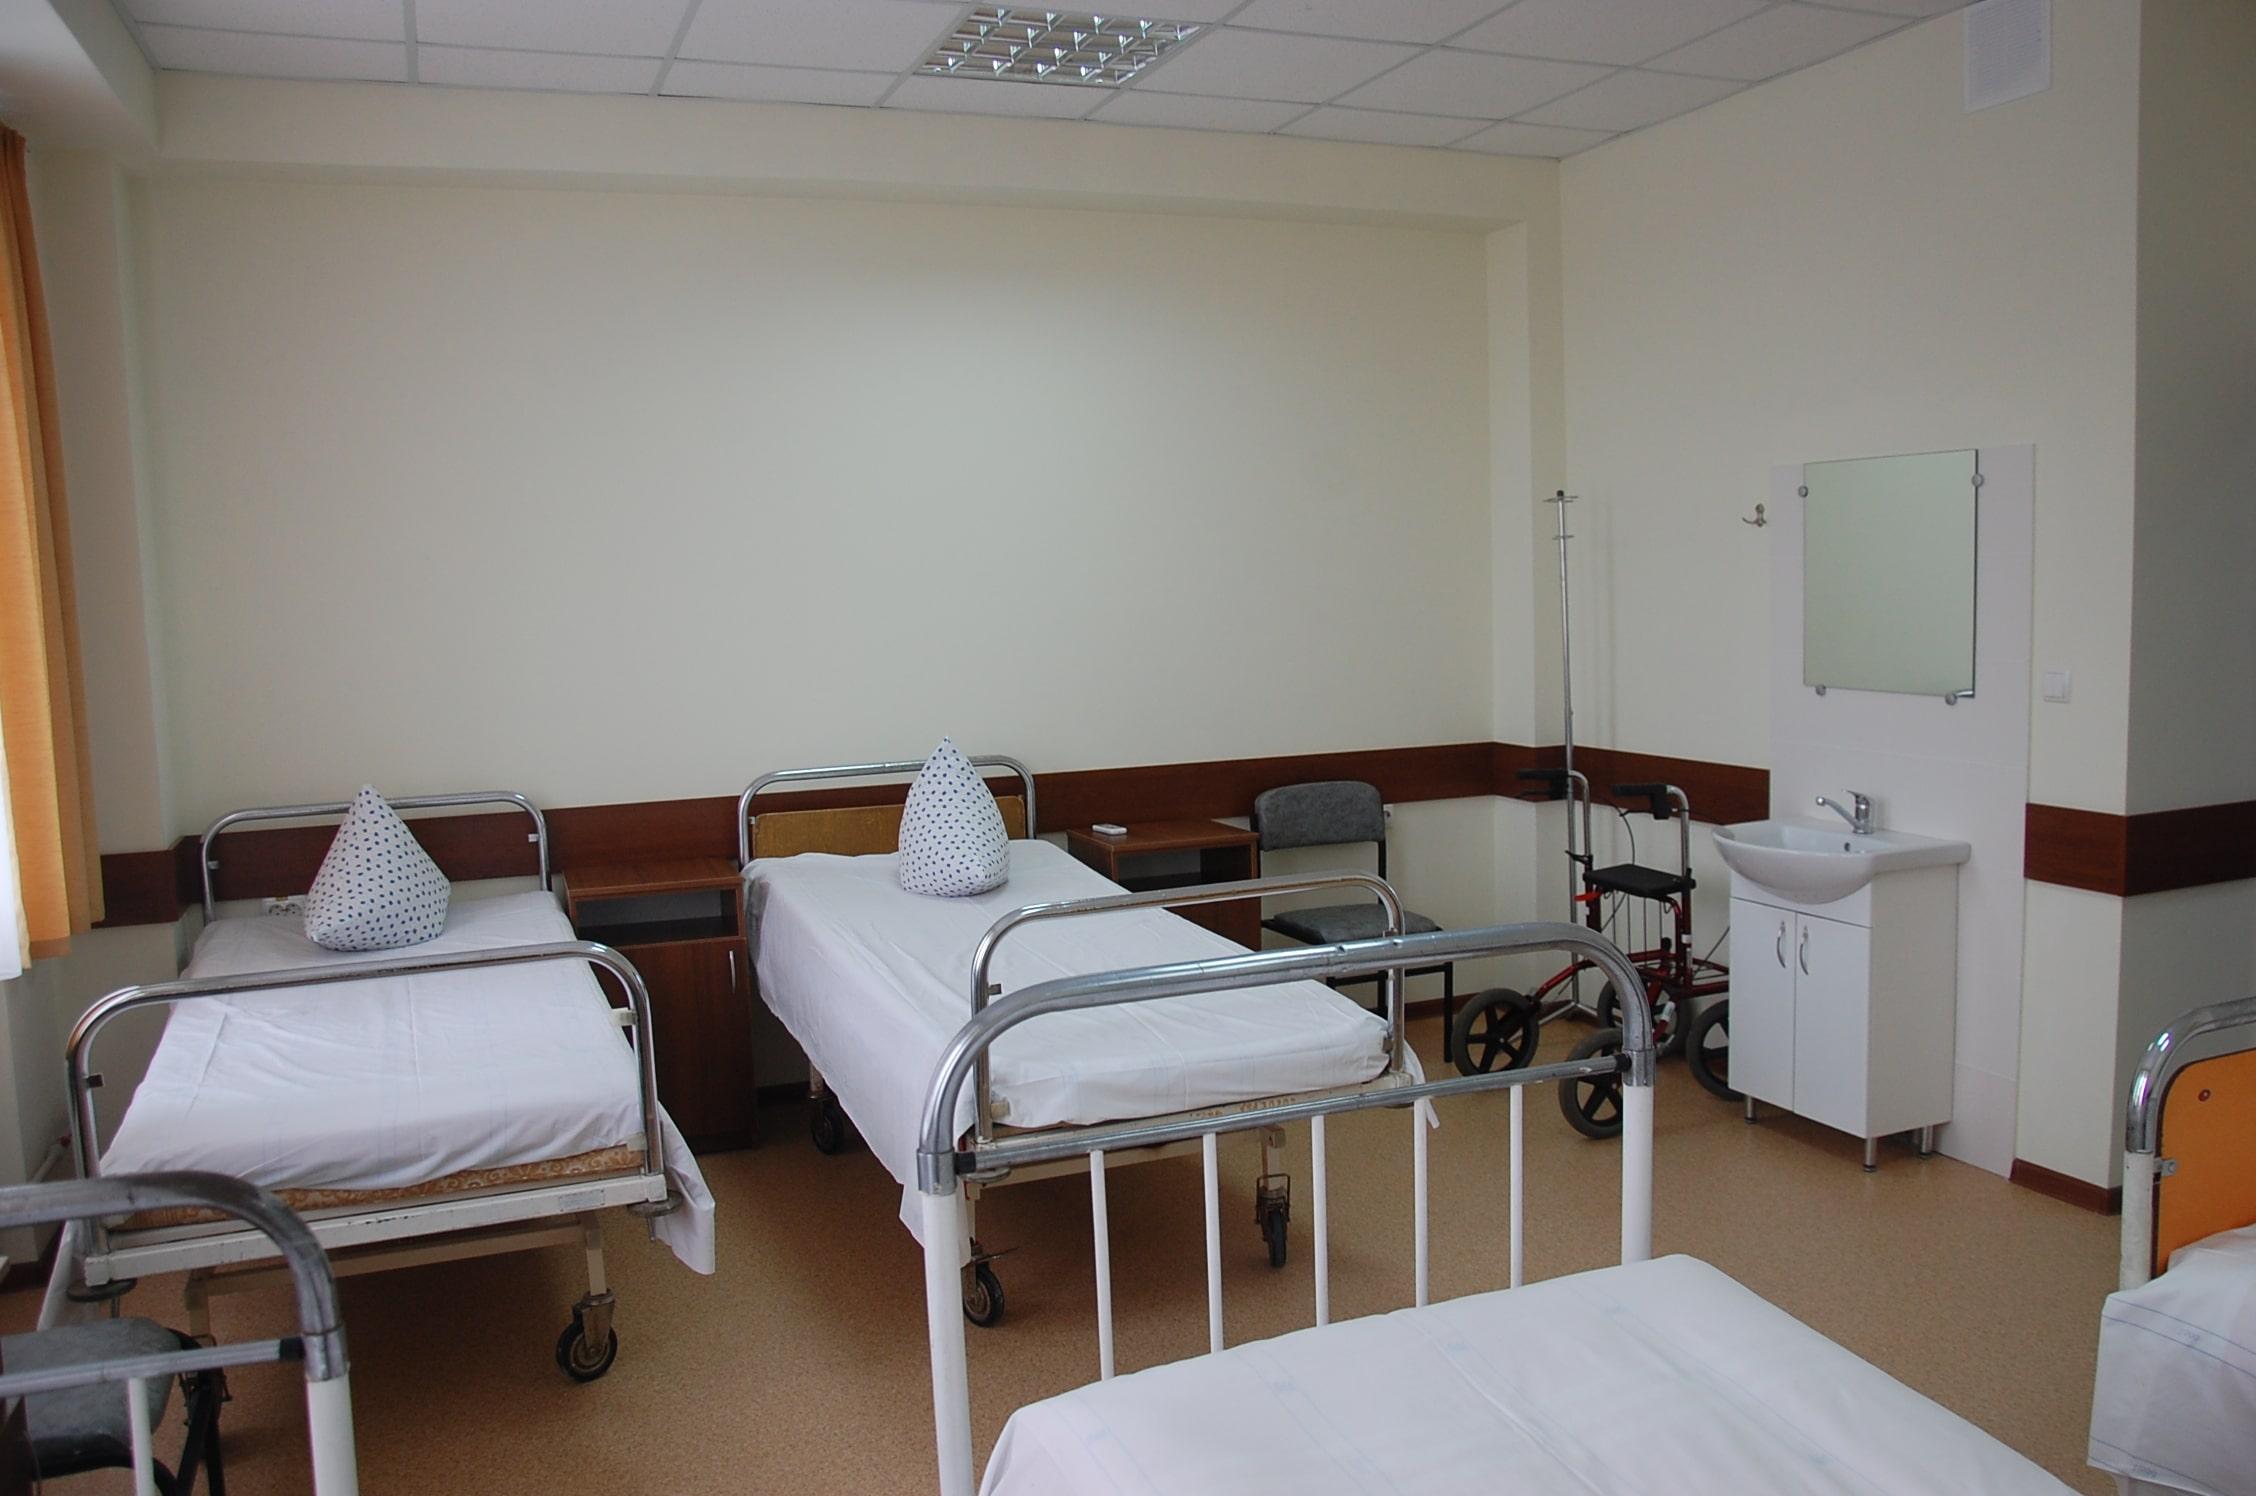 лечение в ортопед-травматологическом отделении